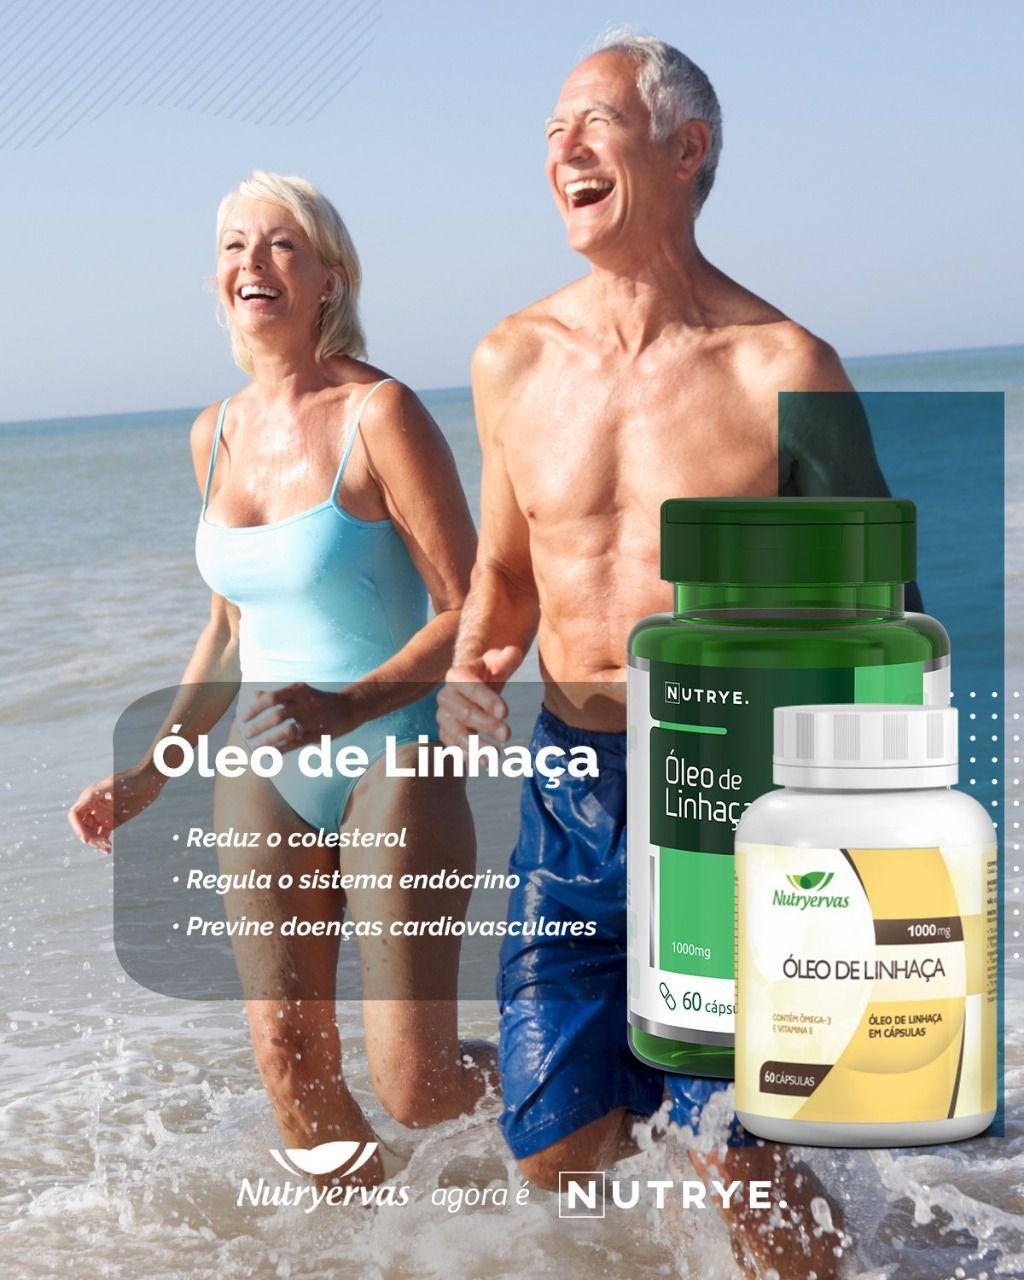 ÓLEO DE LINHAÇA 60 CÁPSULAS - NUTRYERVAS